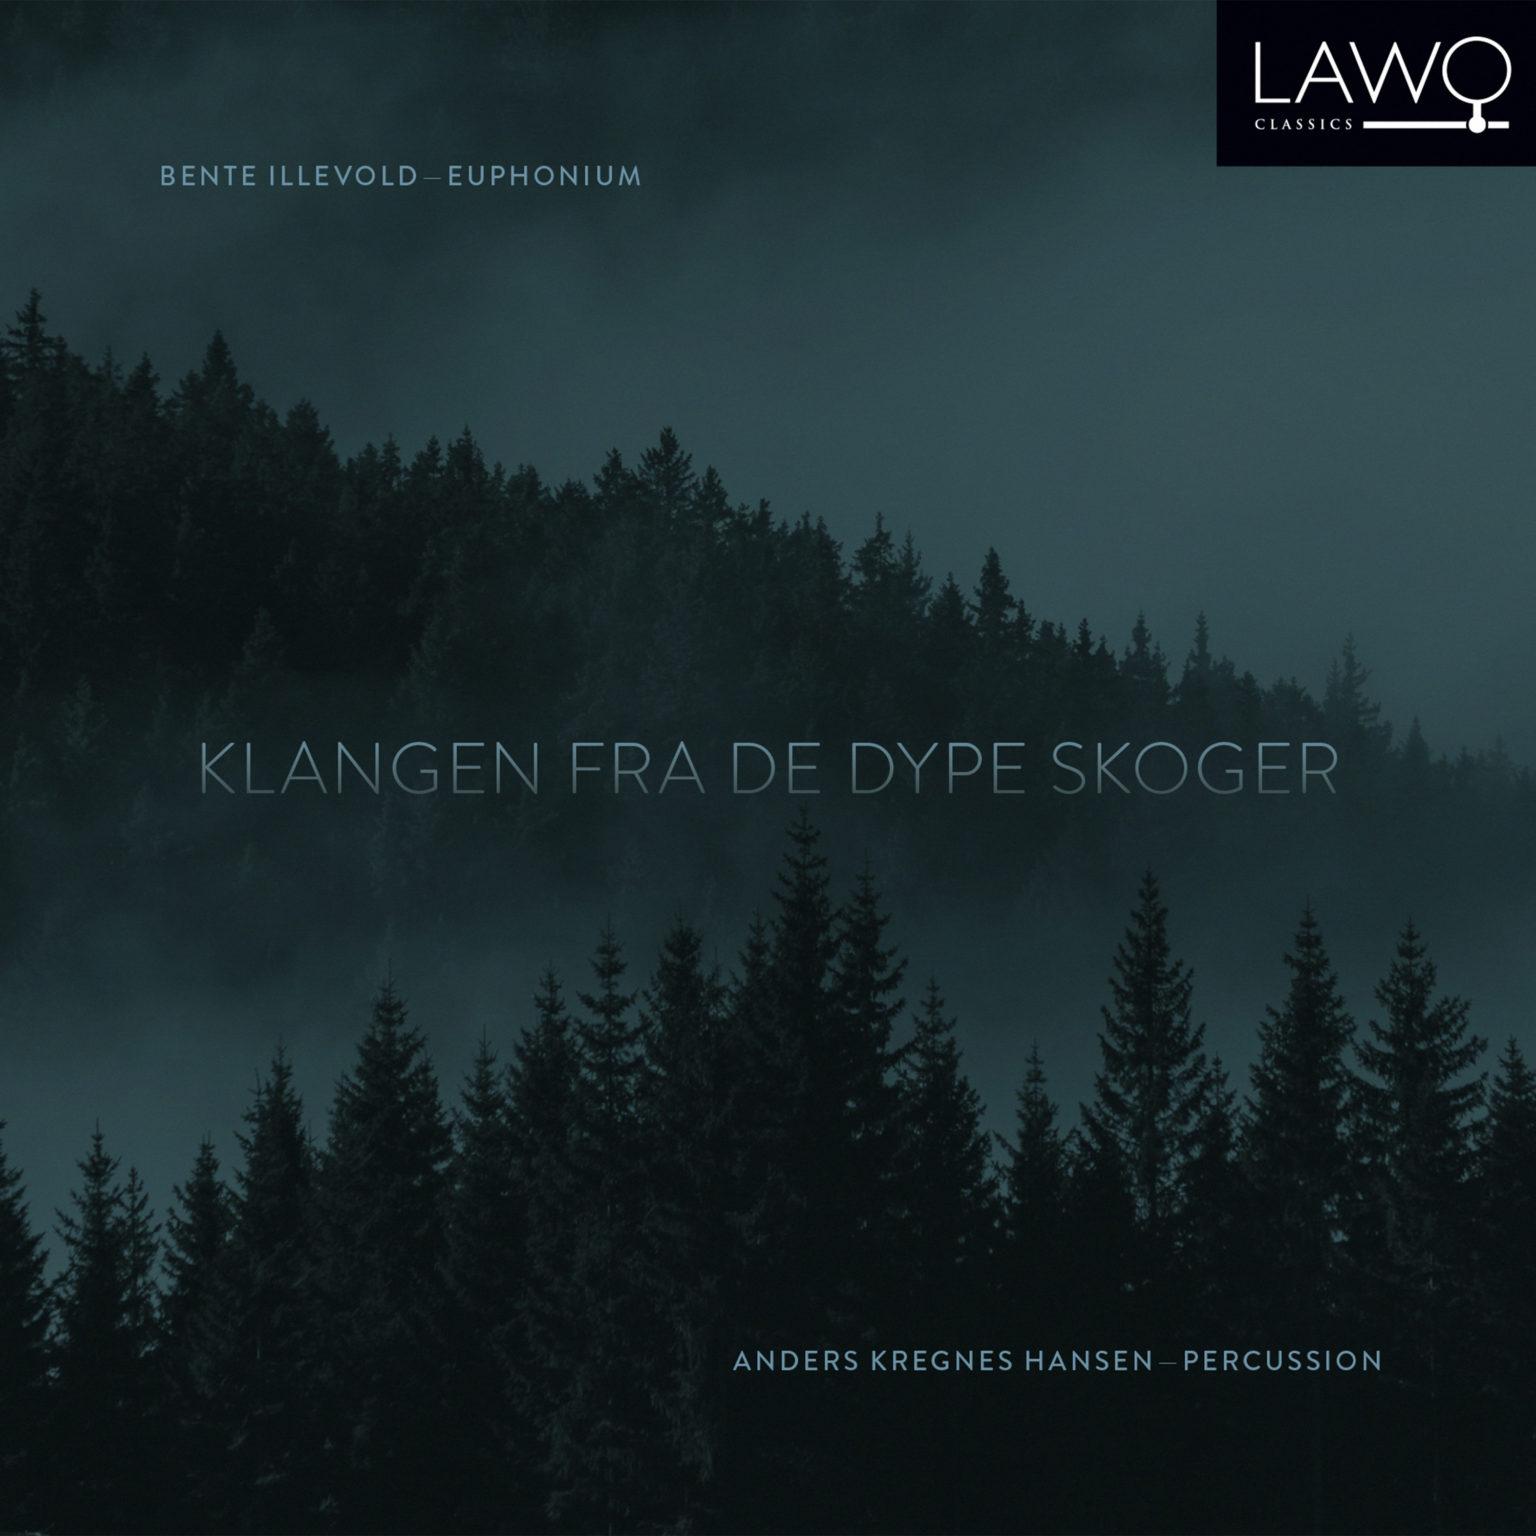 Click image for larger version.  Name:LWC1195_Bente_Illevold_Klangen_fra_de_dype_skoger_cover_3000x3000px-1536x1536.jpg Views:846 Size:174.8 KB ID:7720